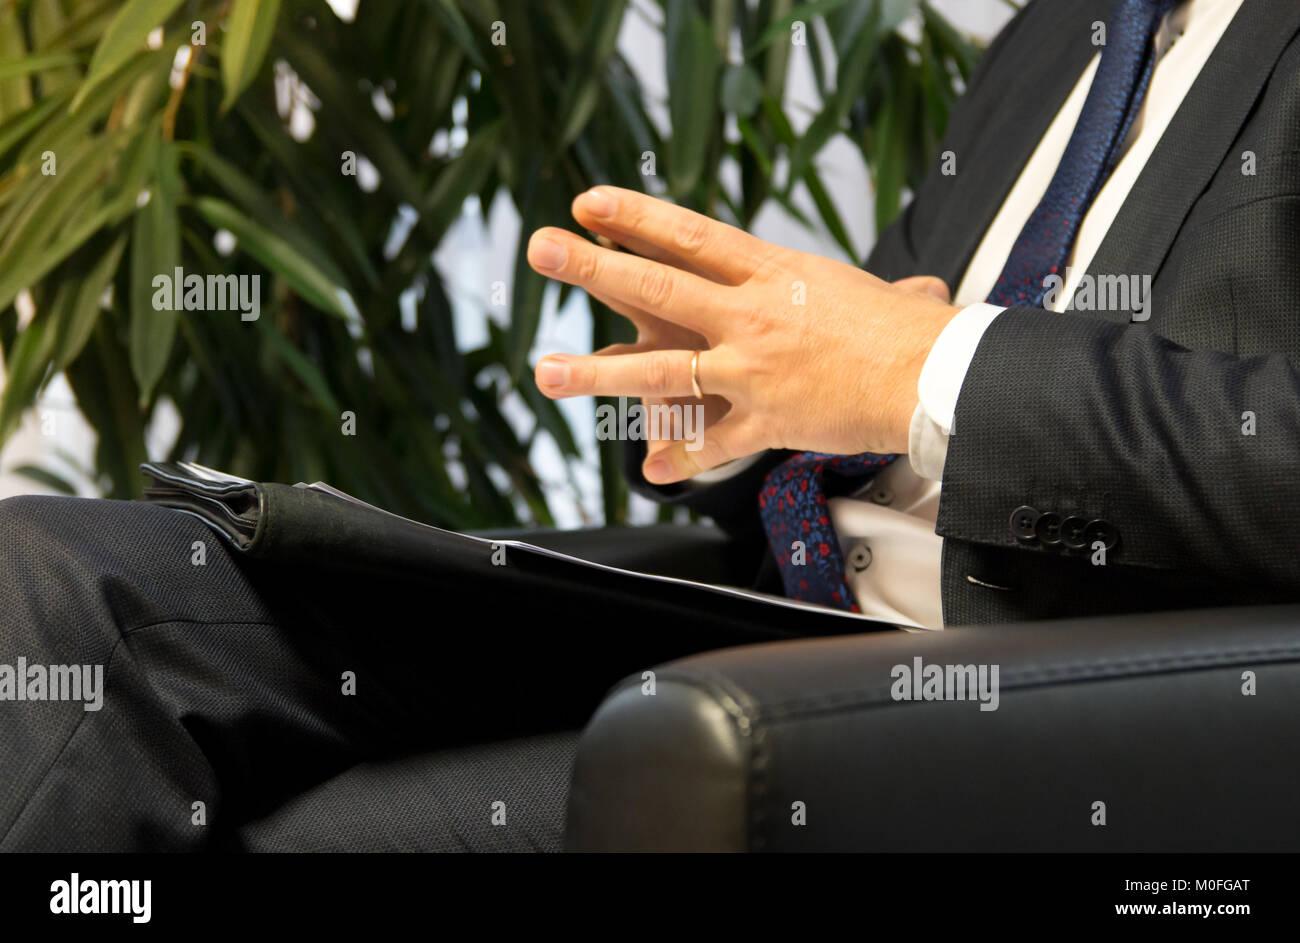 Imprenditore boss o politico dando intervista. Immagini Stock